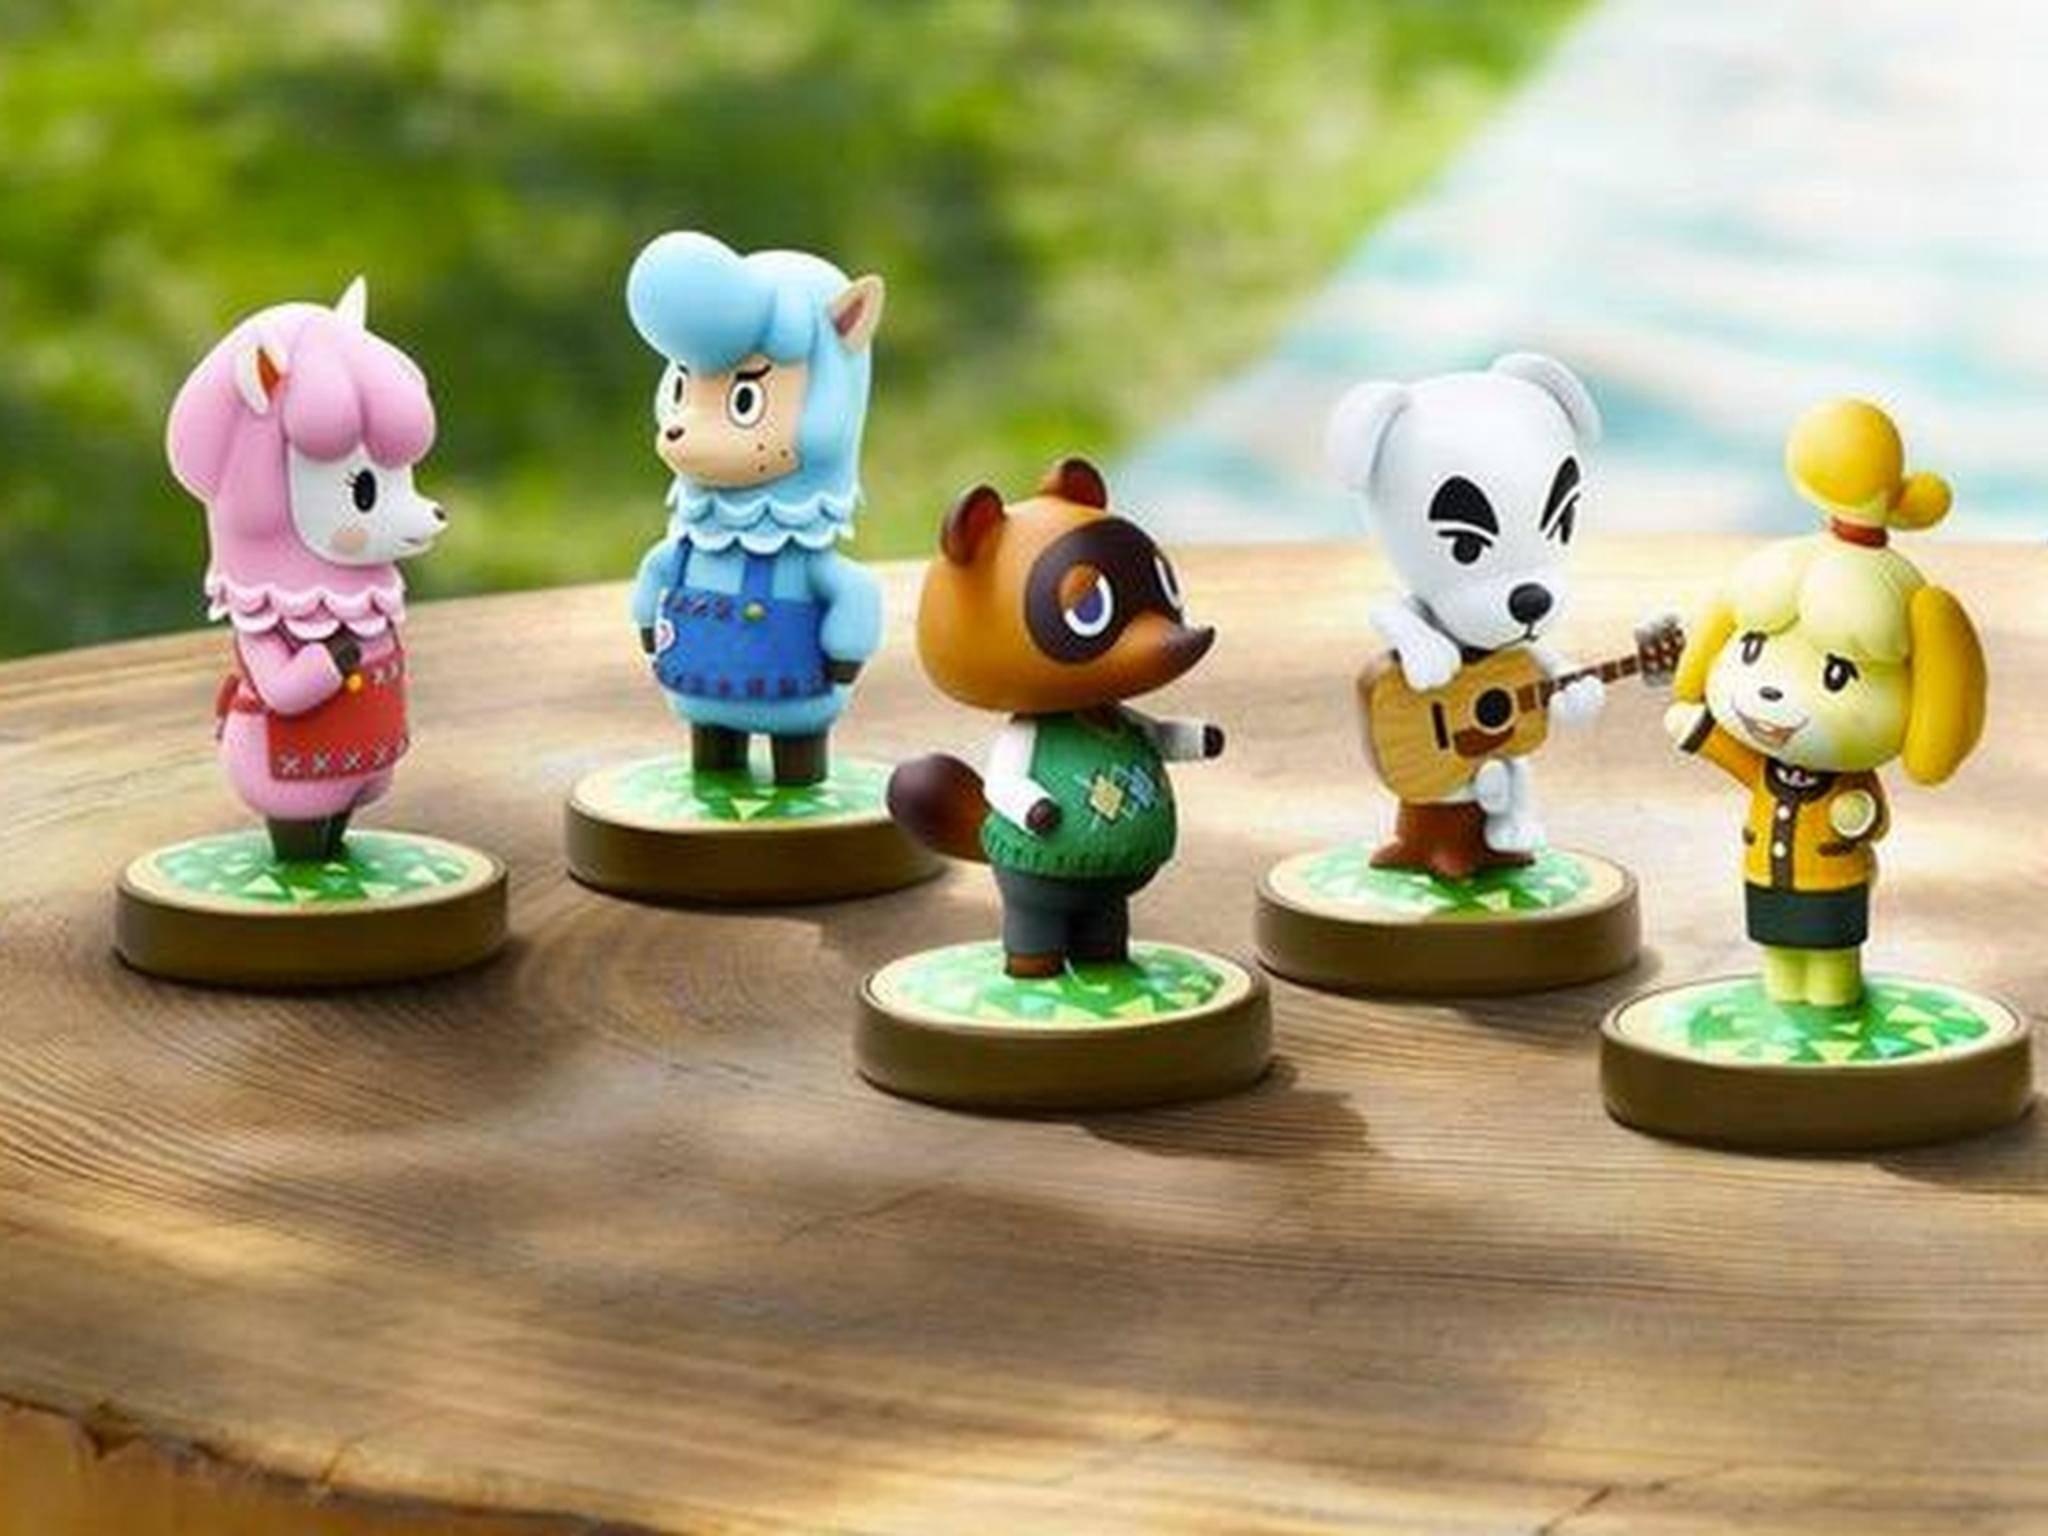 """Einige der insgesamt acht angekündigten Amiibos zu """"Animal Crossing""""."""